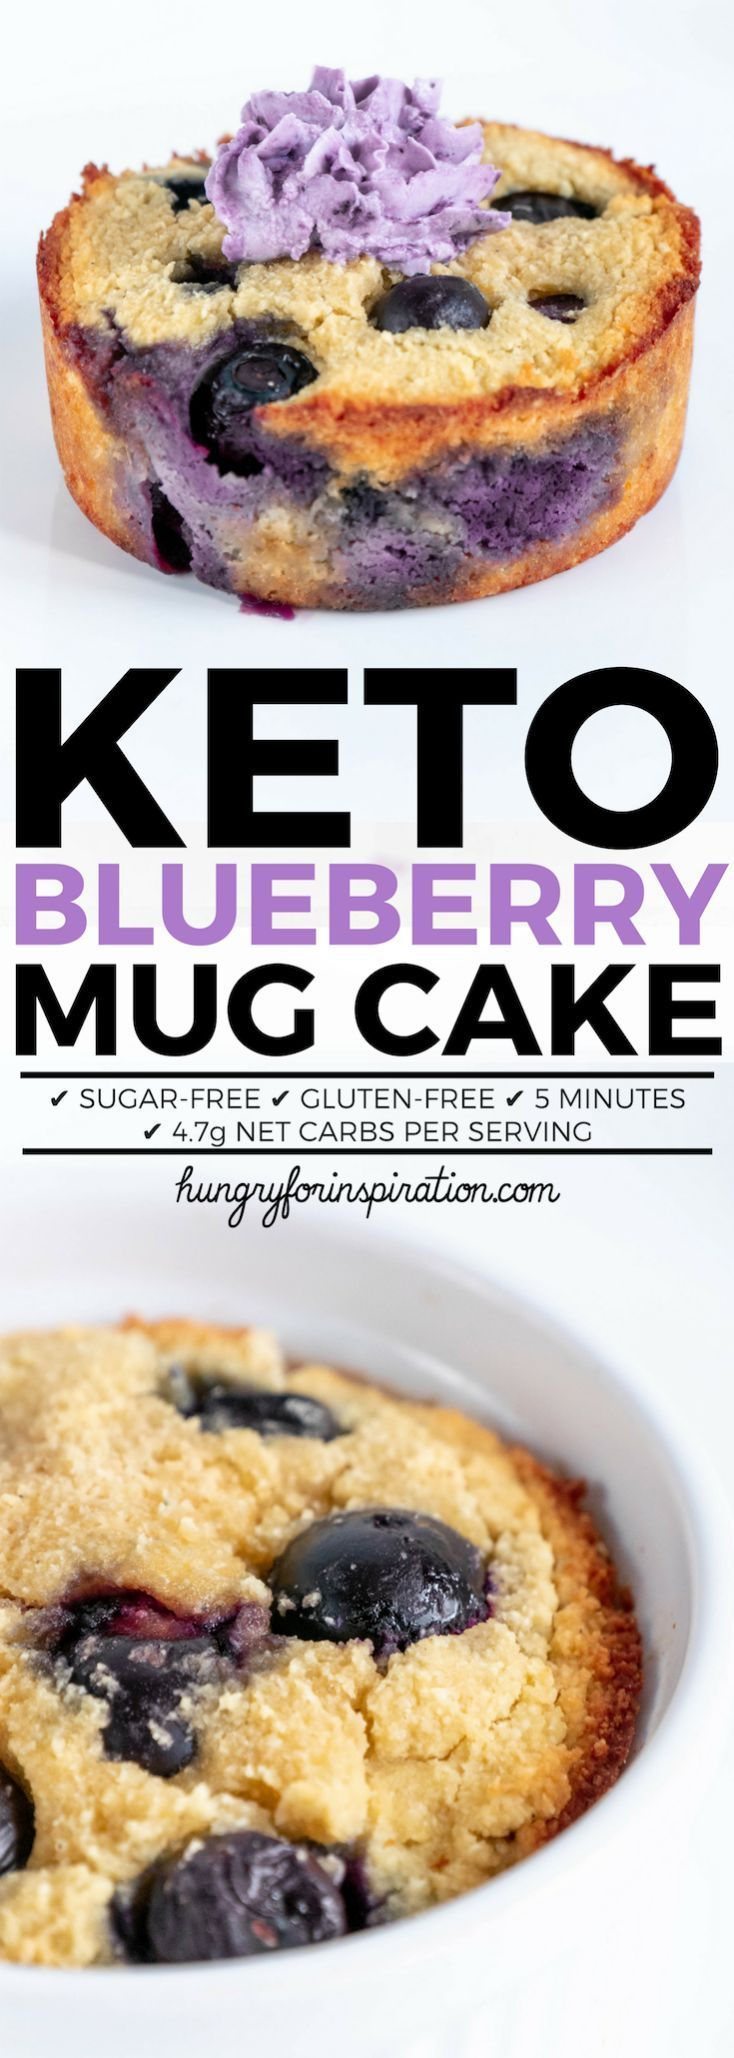 Easy 5-Minute Keto Blueberry Mug Cake (Keto Mug Cake) with only 4.7g net carbs per serving! Super quick, healthy, gluten-free and sugar-free! With easy paleo option! By hungryforinspiration.com #ketodessert #ketomugcake #ketosnacks #keto #ketorecipes #ketogenic #lowcarbdesserts #lowcarb #mugcake #mugcake